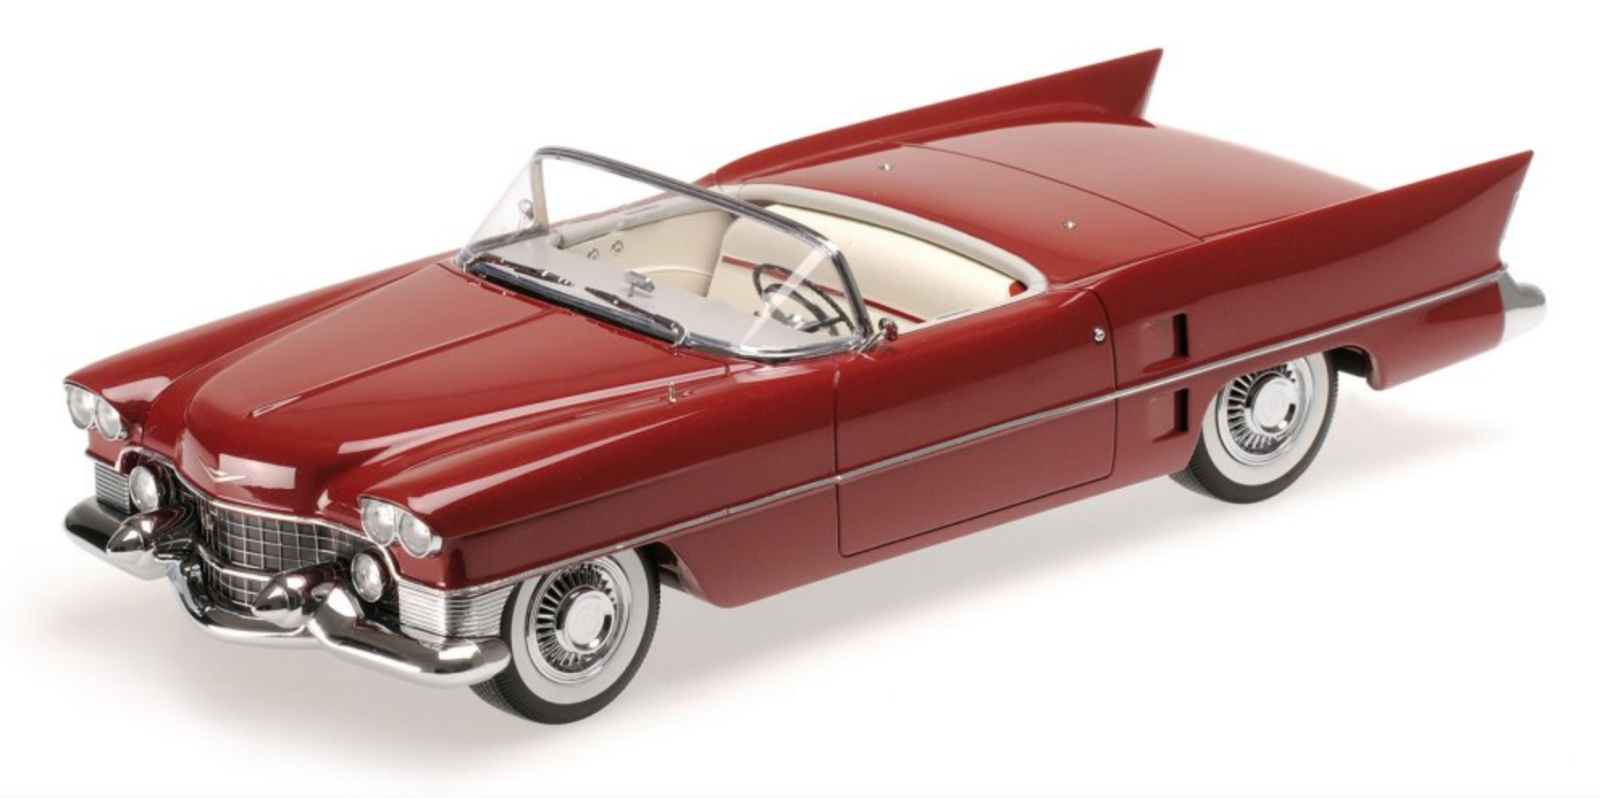 1  18 Cadillac Le Mans Dream voiture 1953 1 18 • Minichamps 107148231  avec le prix bon marché pour obtenir la meilleure marque